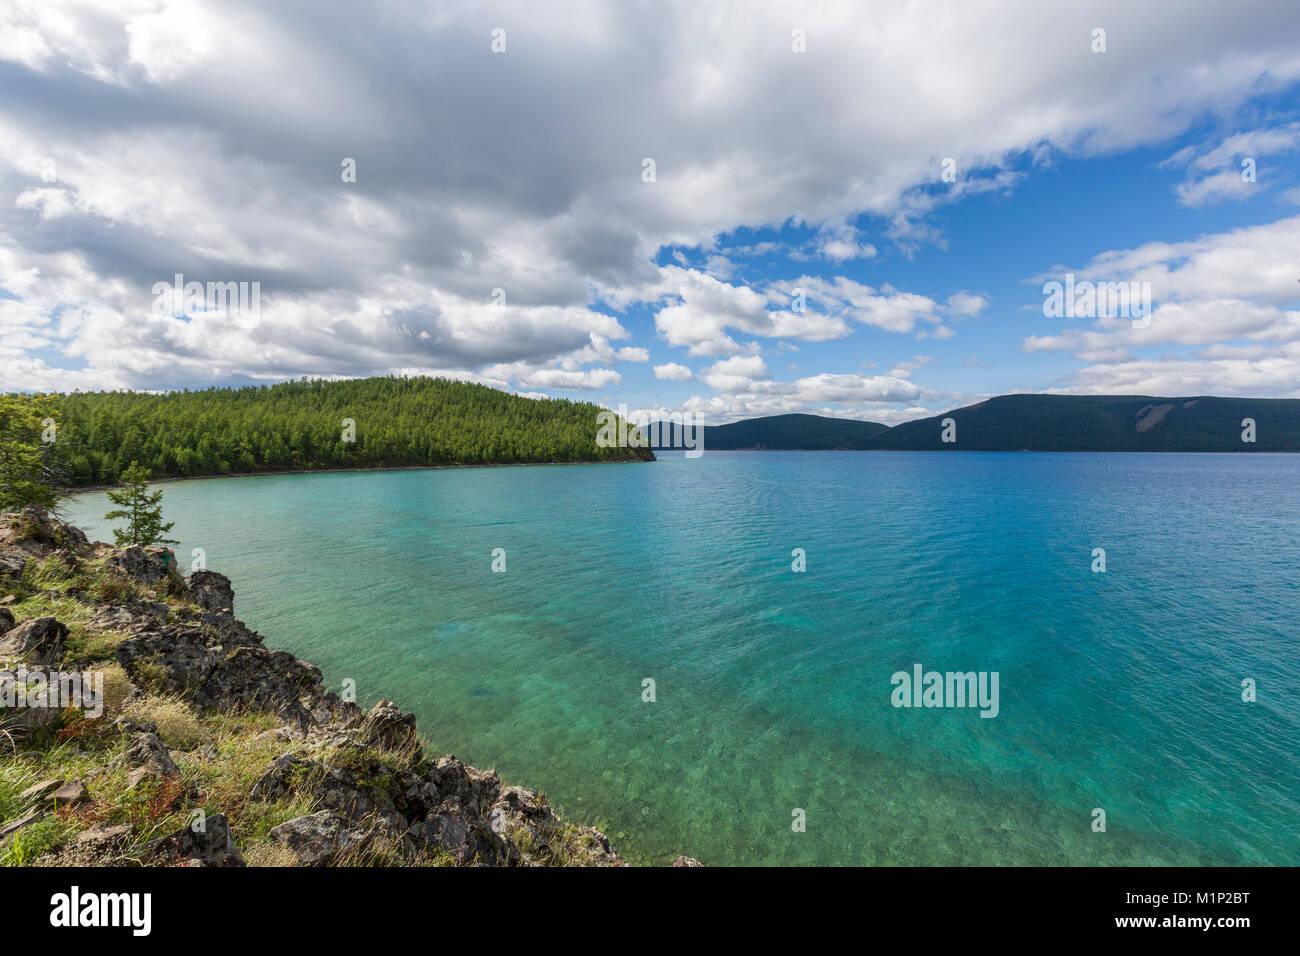 Lago Hovsgol, provincia Hovsgol, Mongolia, Asia Central, África Imagen De Stock